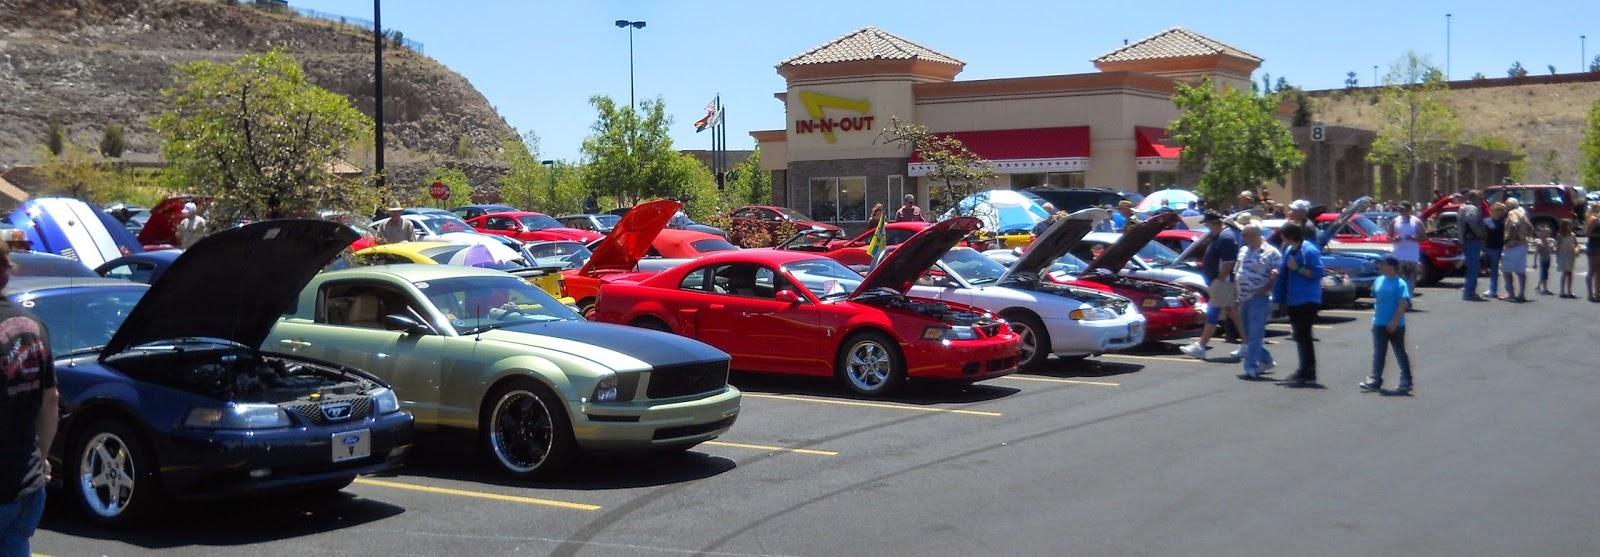 Car Show Prescott Valley May